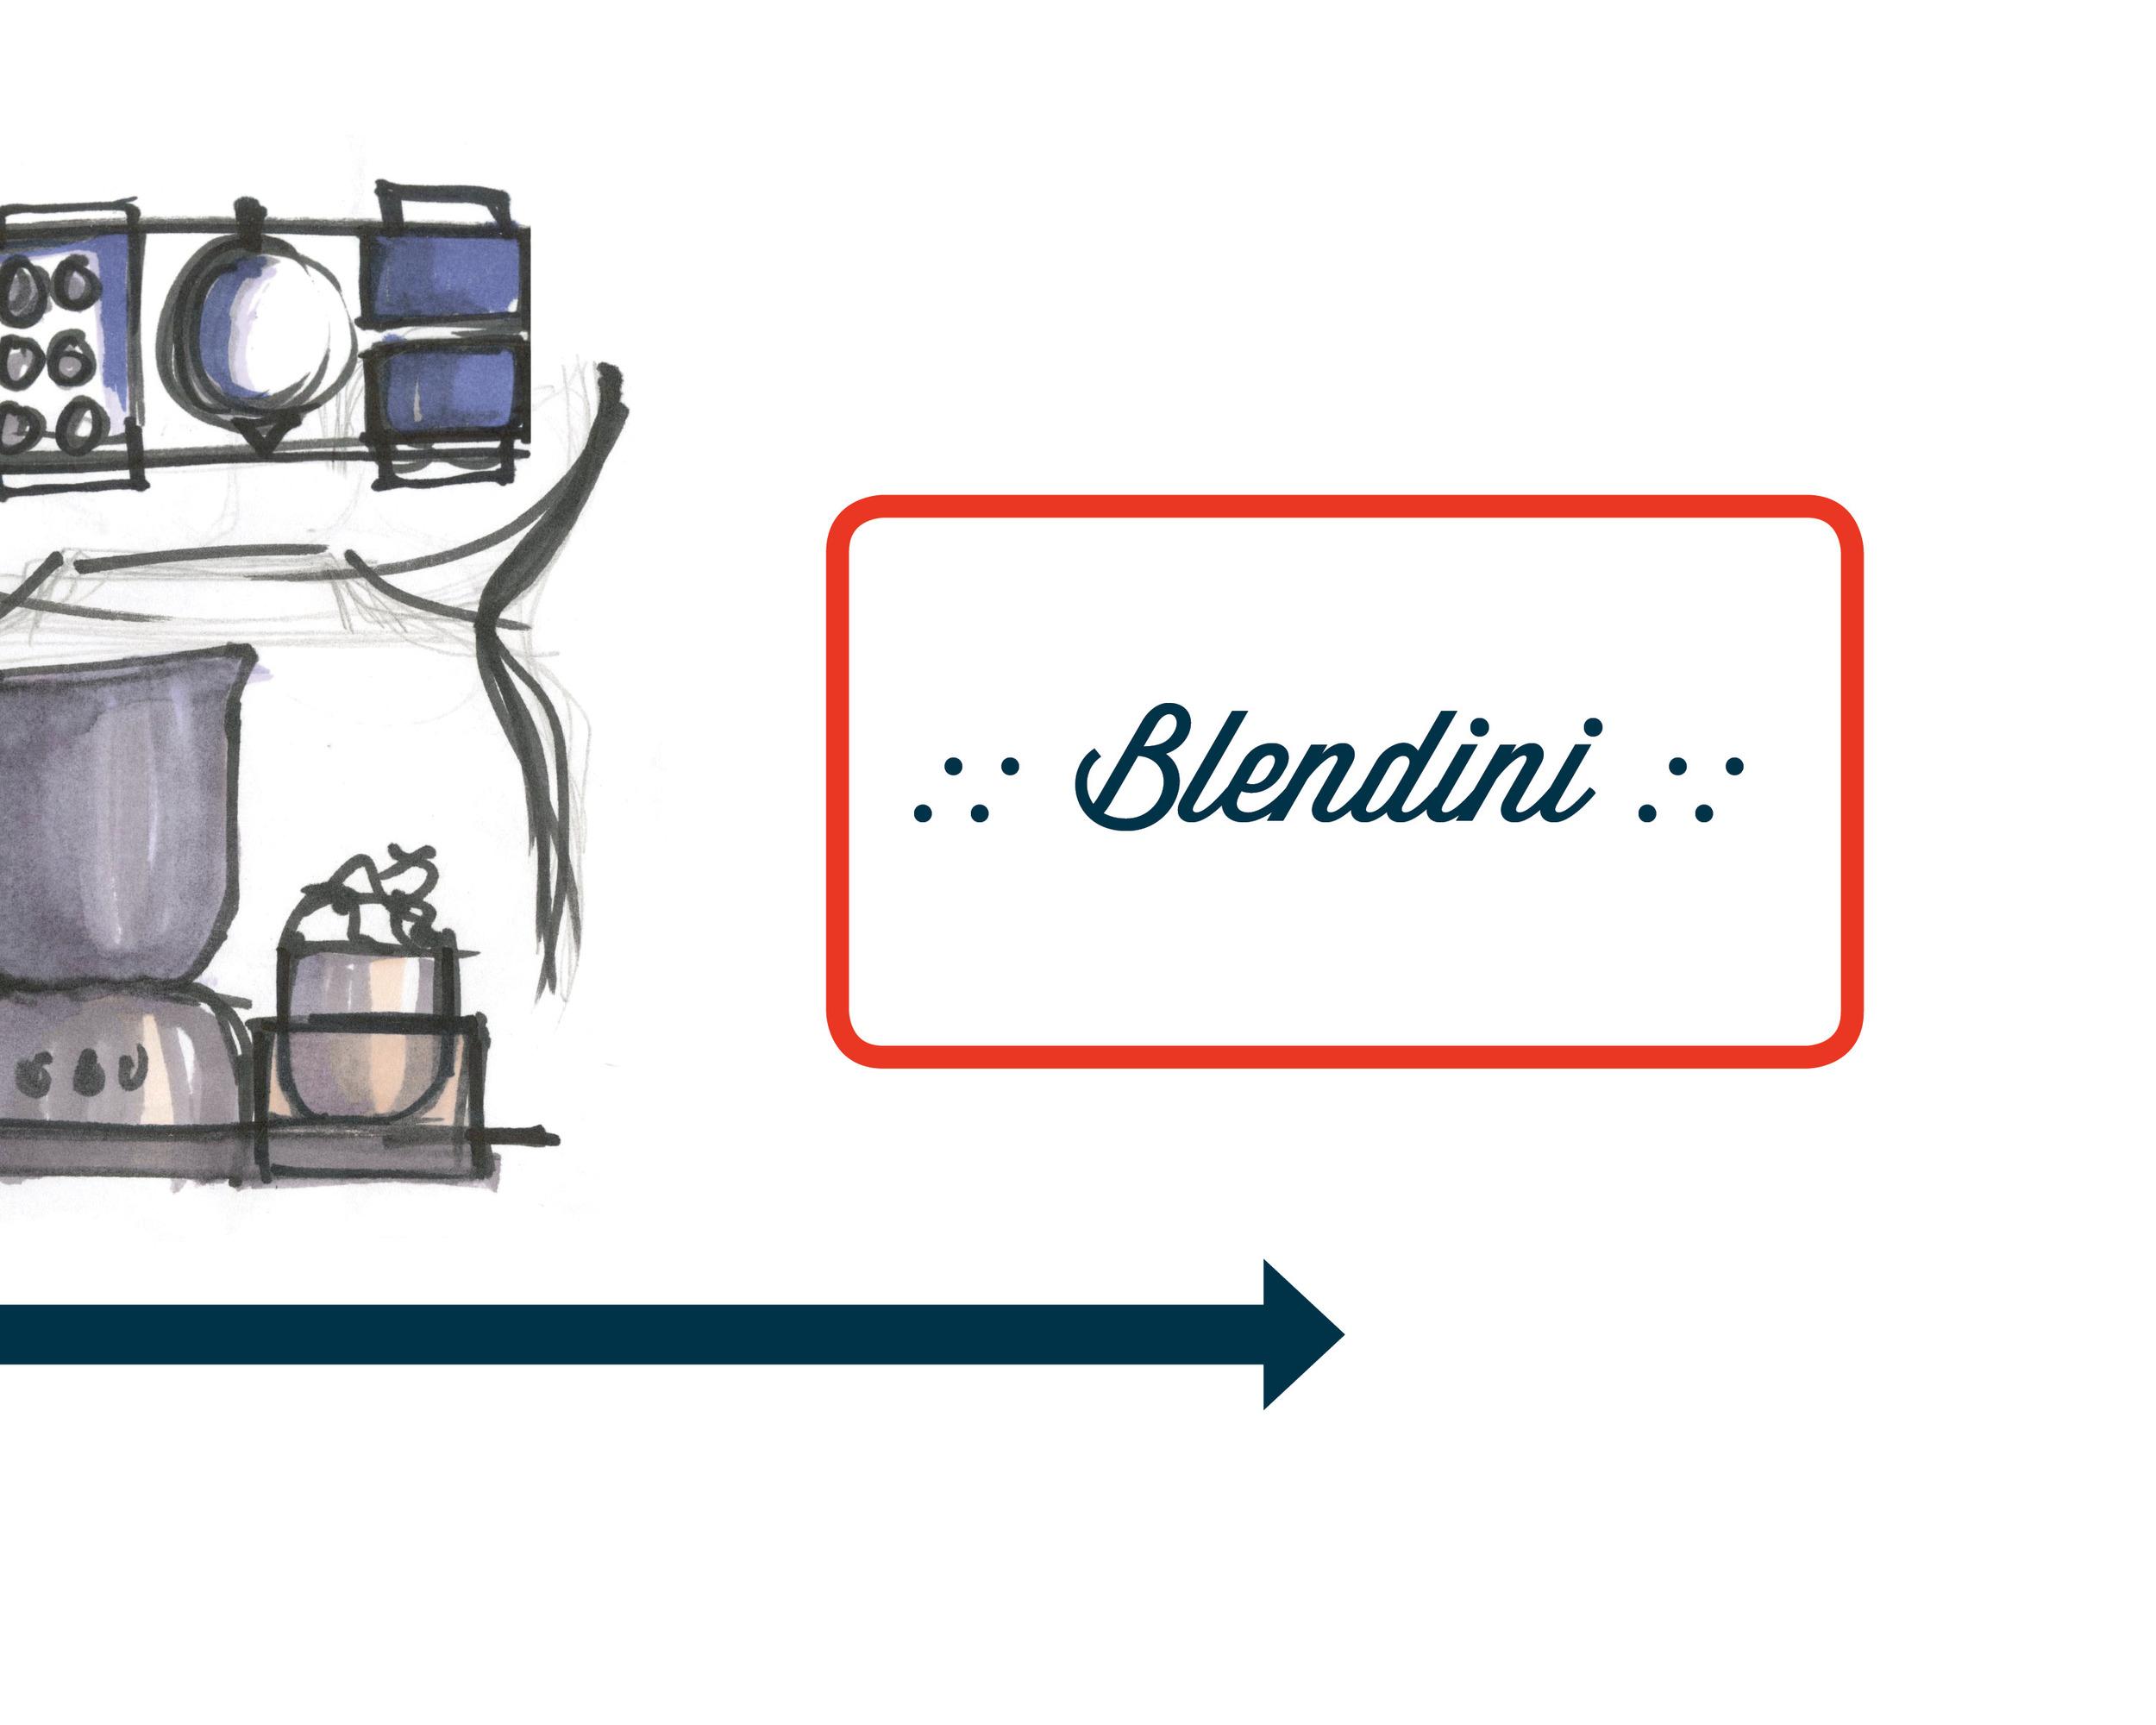 BlendiniWeb_SketchStoryboard6.jpg